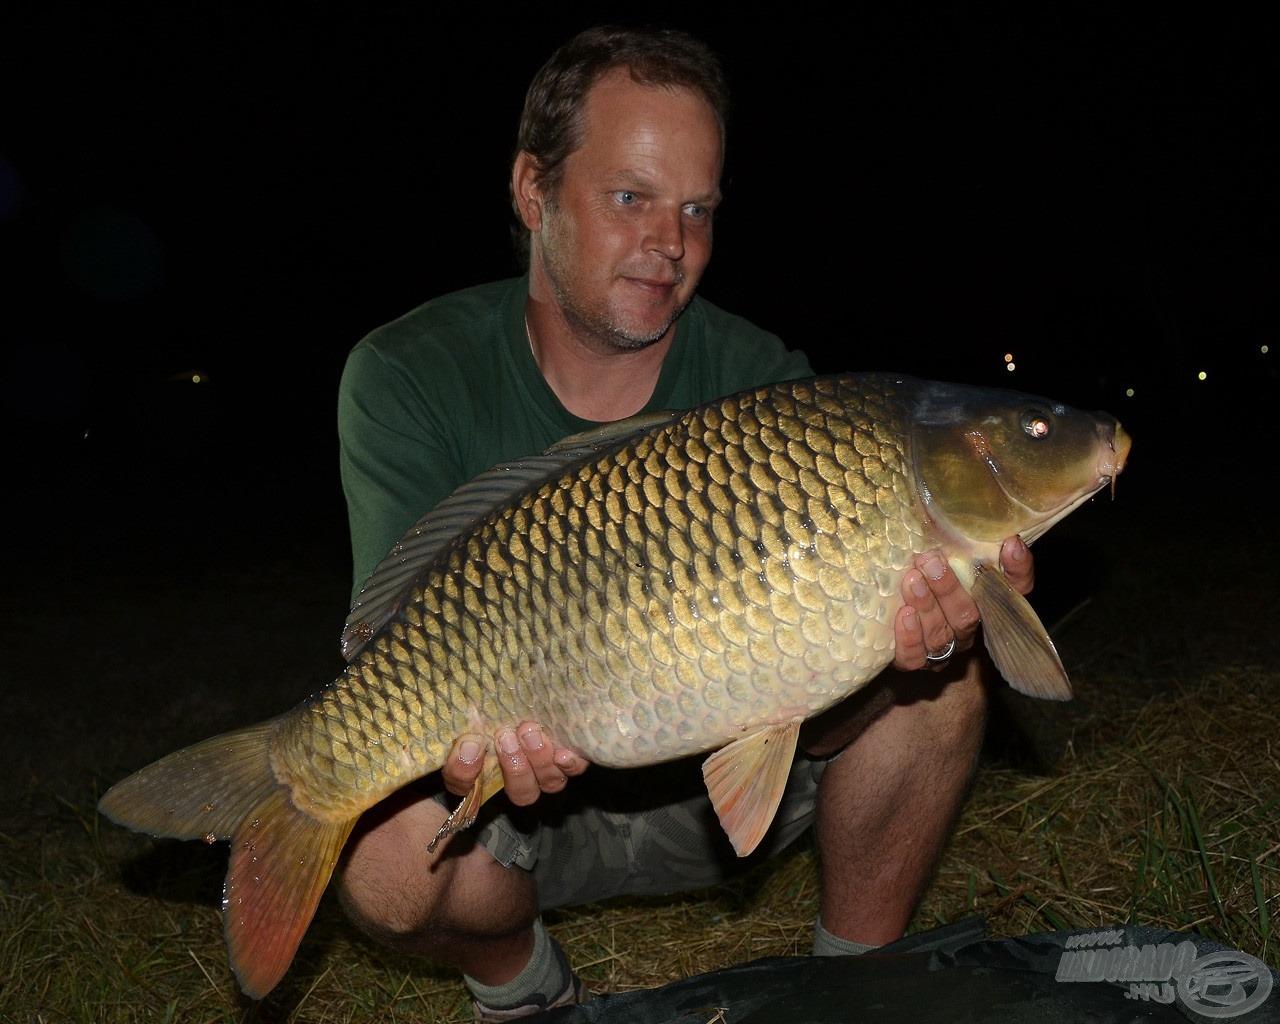 Pont egy hal fárasztásával fogadott minket Derrick Nel túránk újabb helyszínén